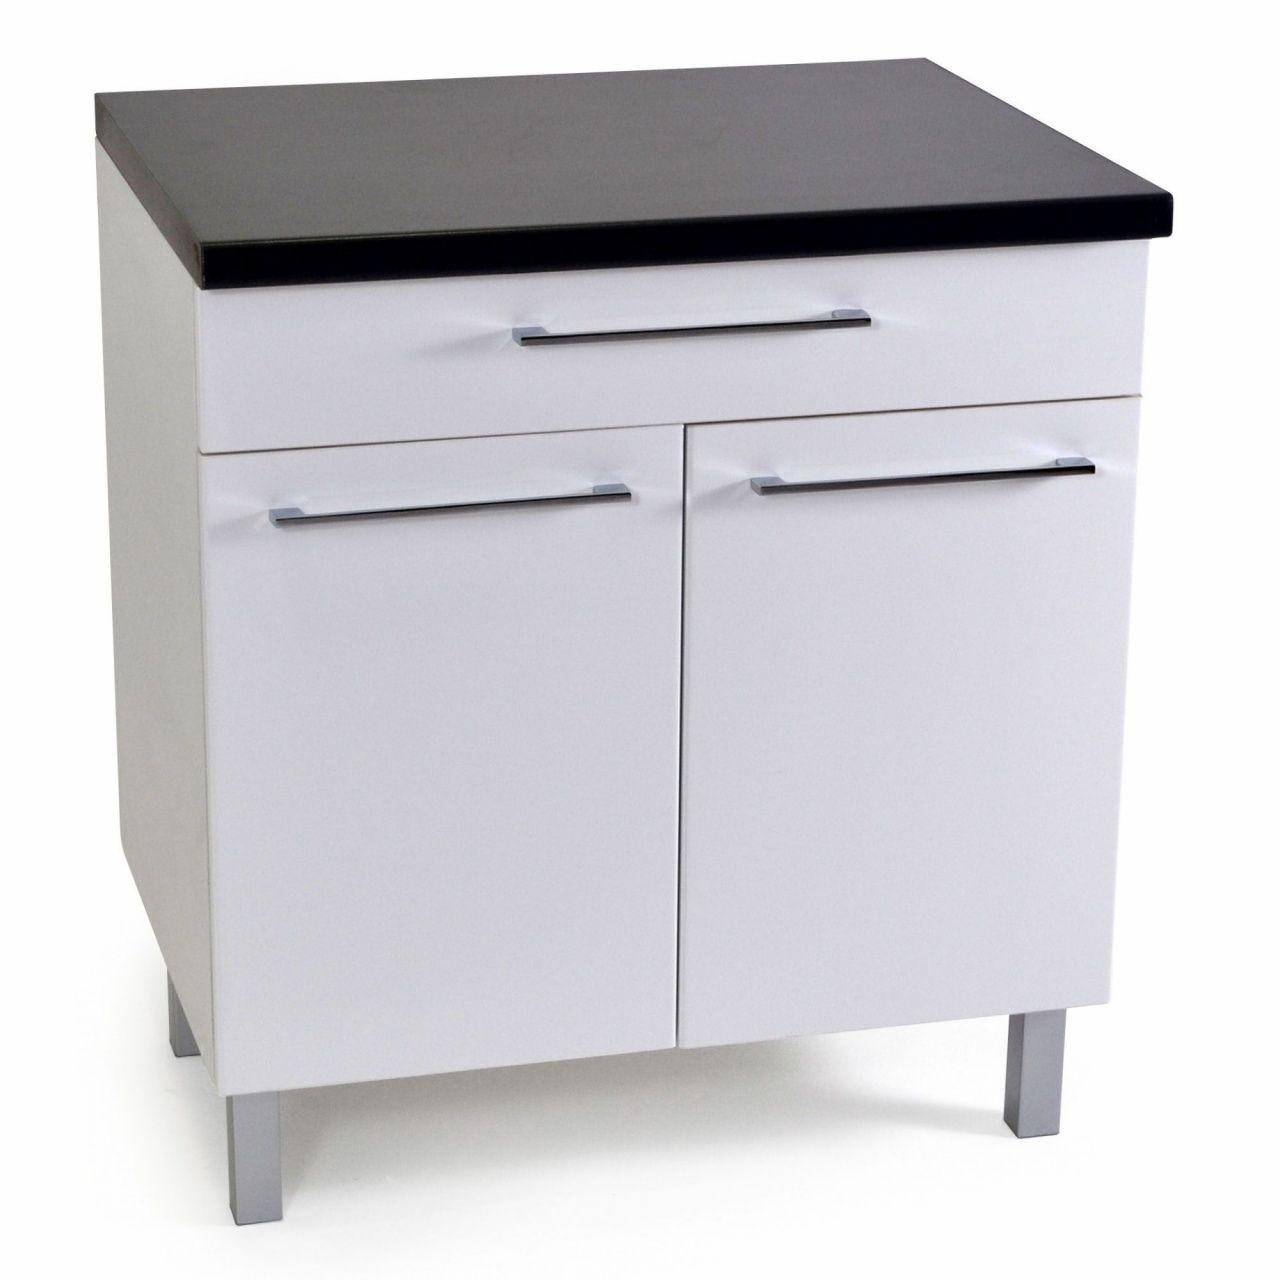 200 Meuble Cuisine Profondeur 35 Cm Filing Cabinet Storage